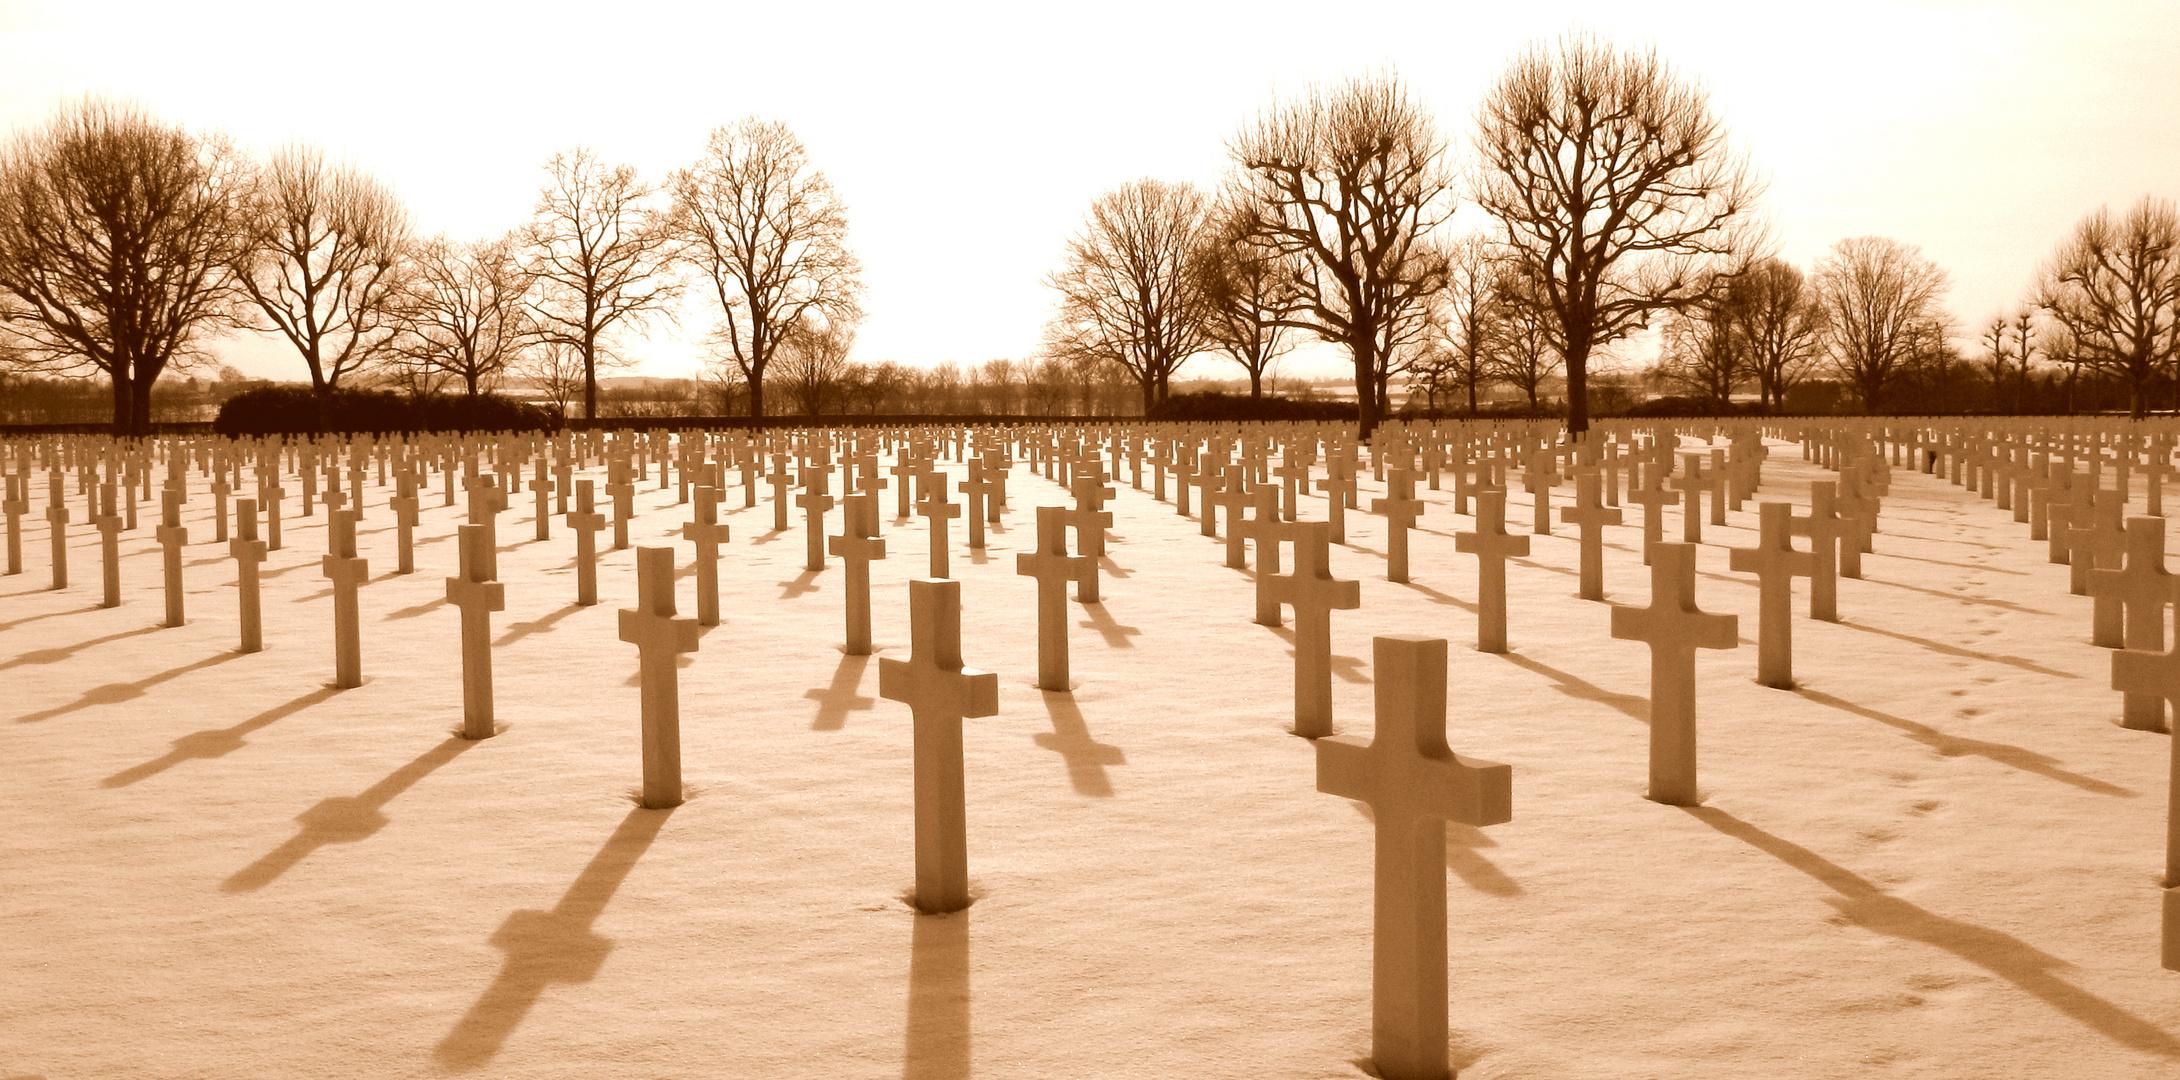 Heros/ Fallen But Not Forgotten